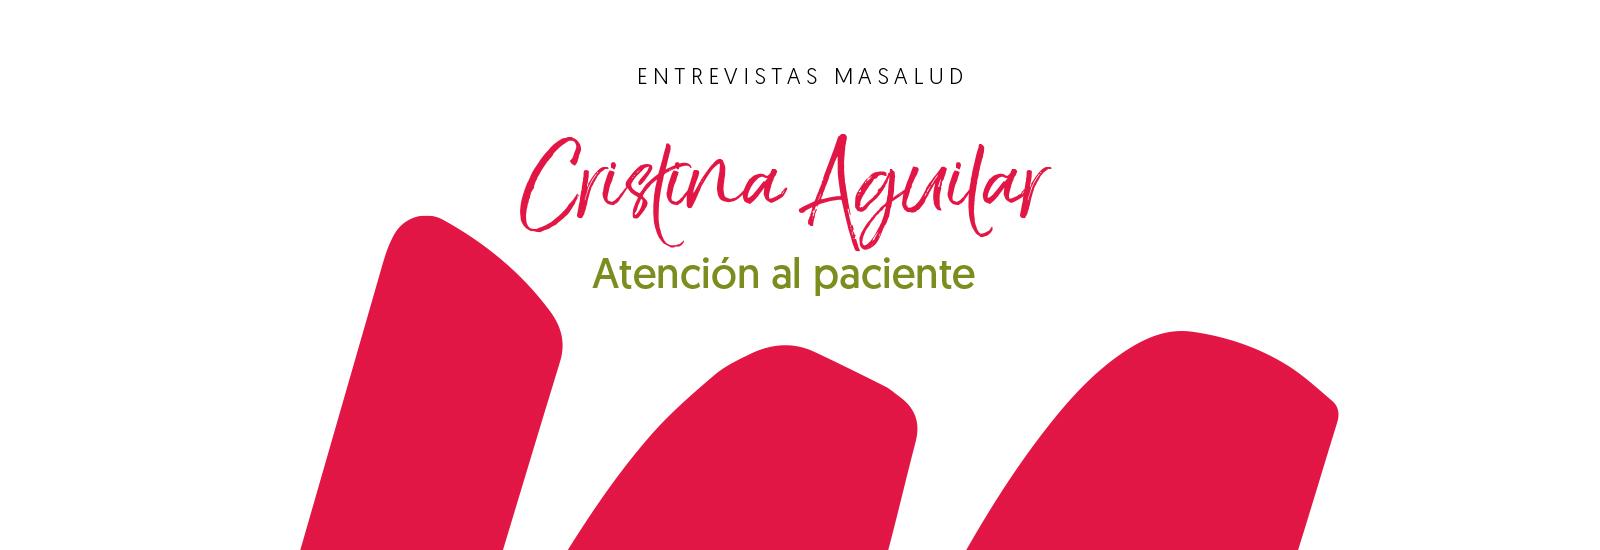 Entrevista Cristina Aguilar